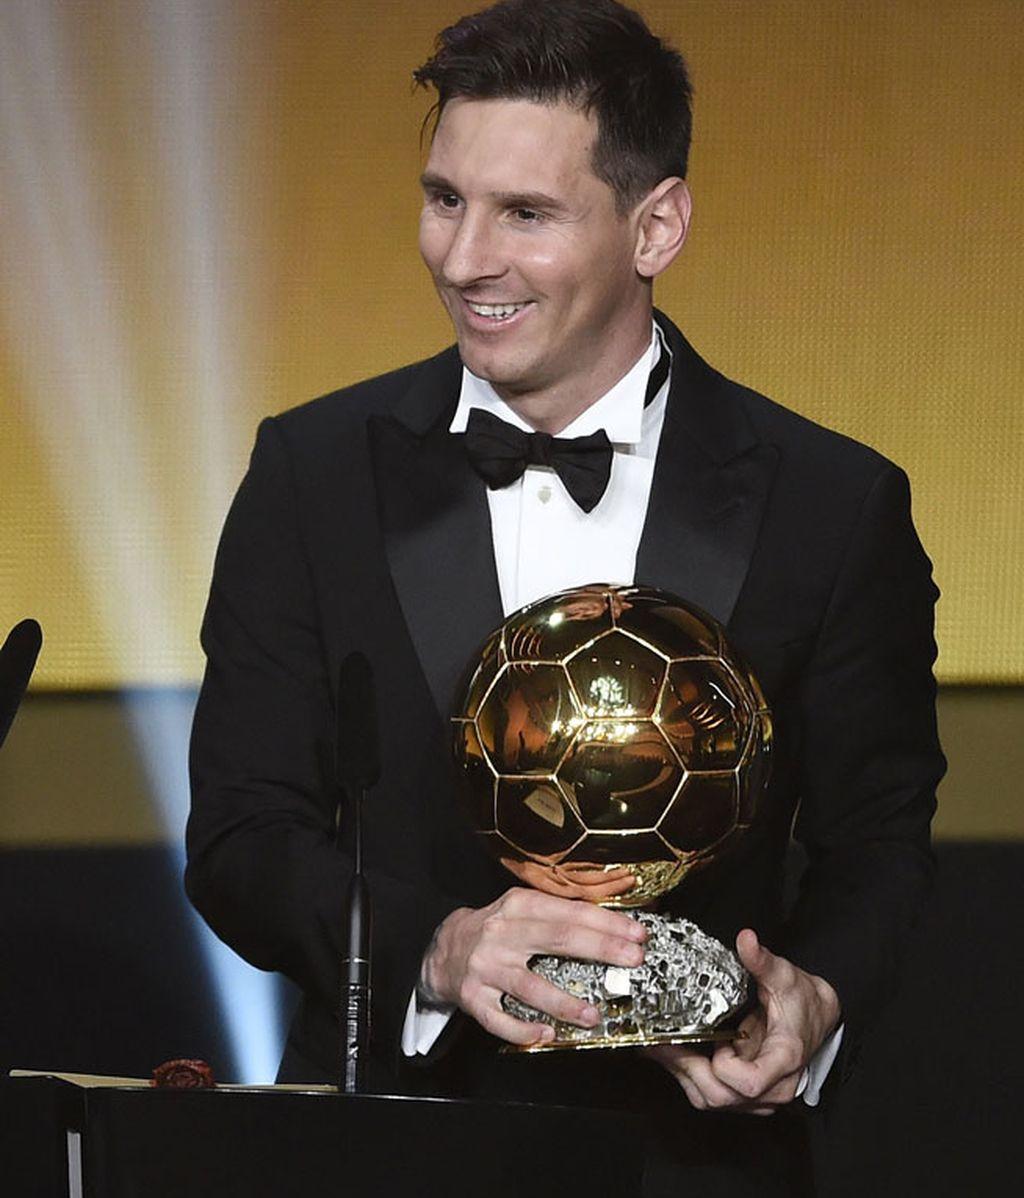 El día que Messi recibió el Balón de Oro vestido normal